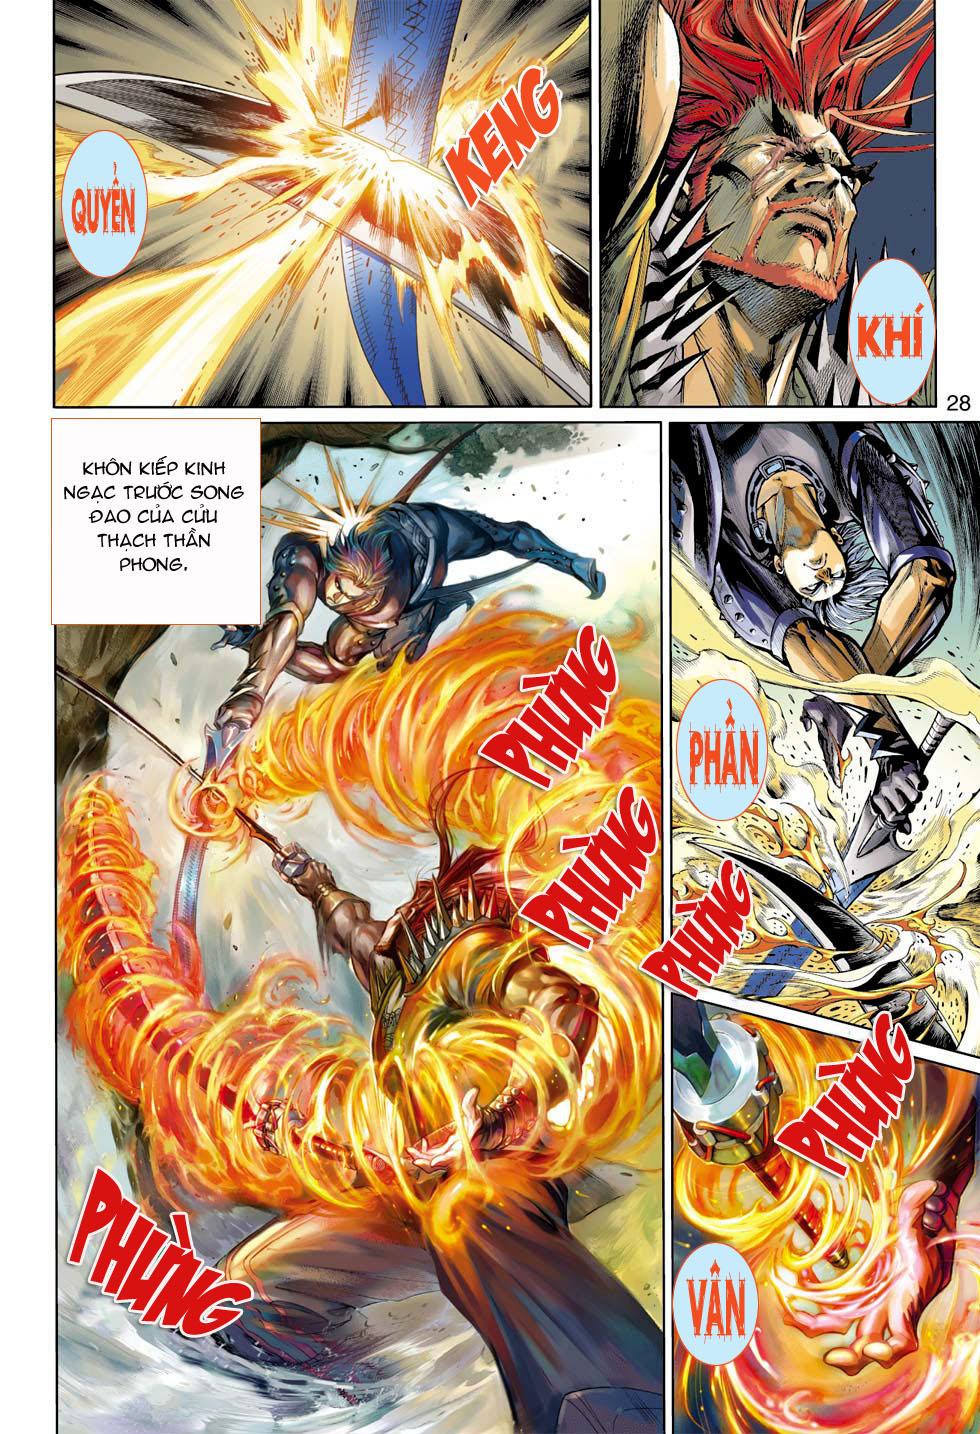 Thần Binh 4 chap 7 - Trang 28